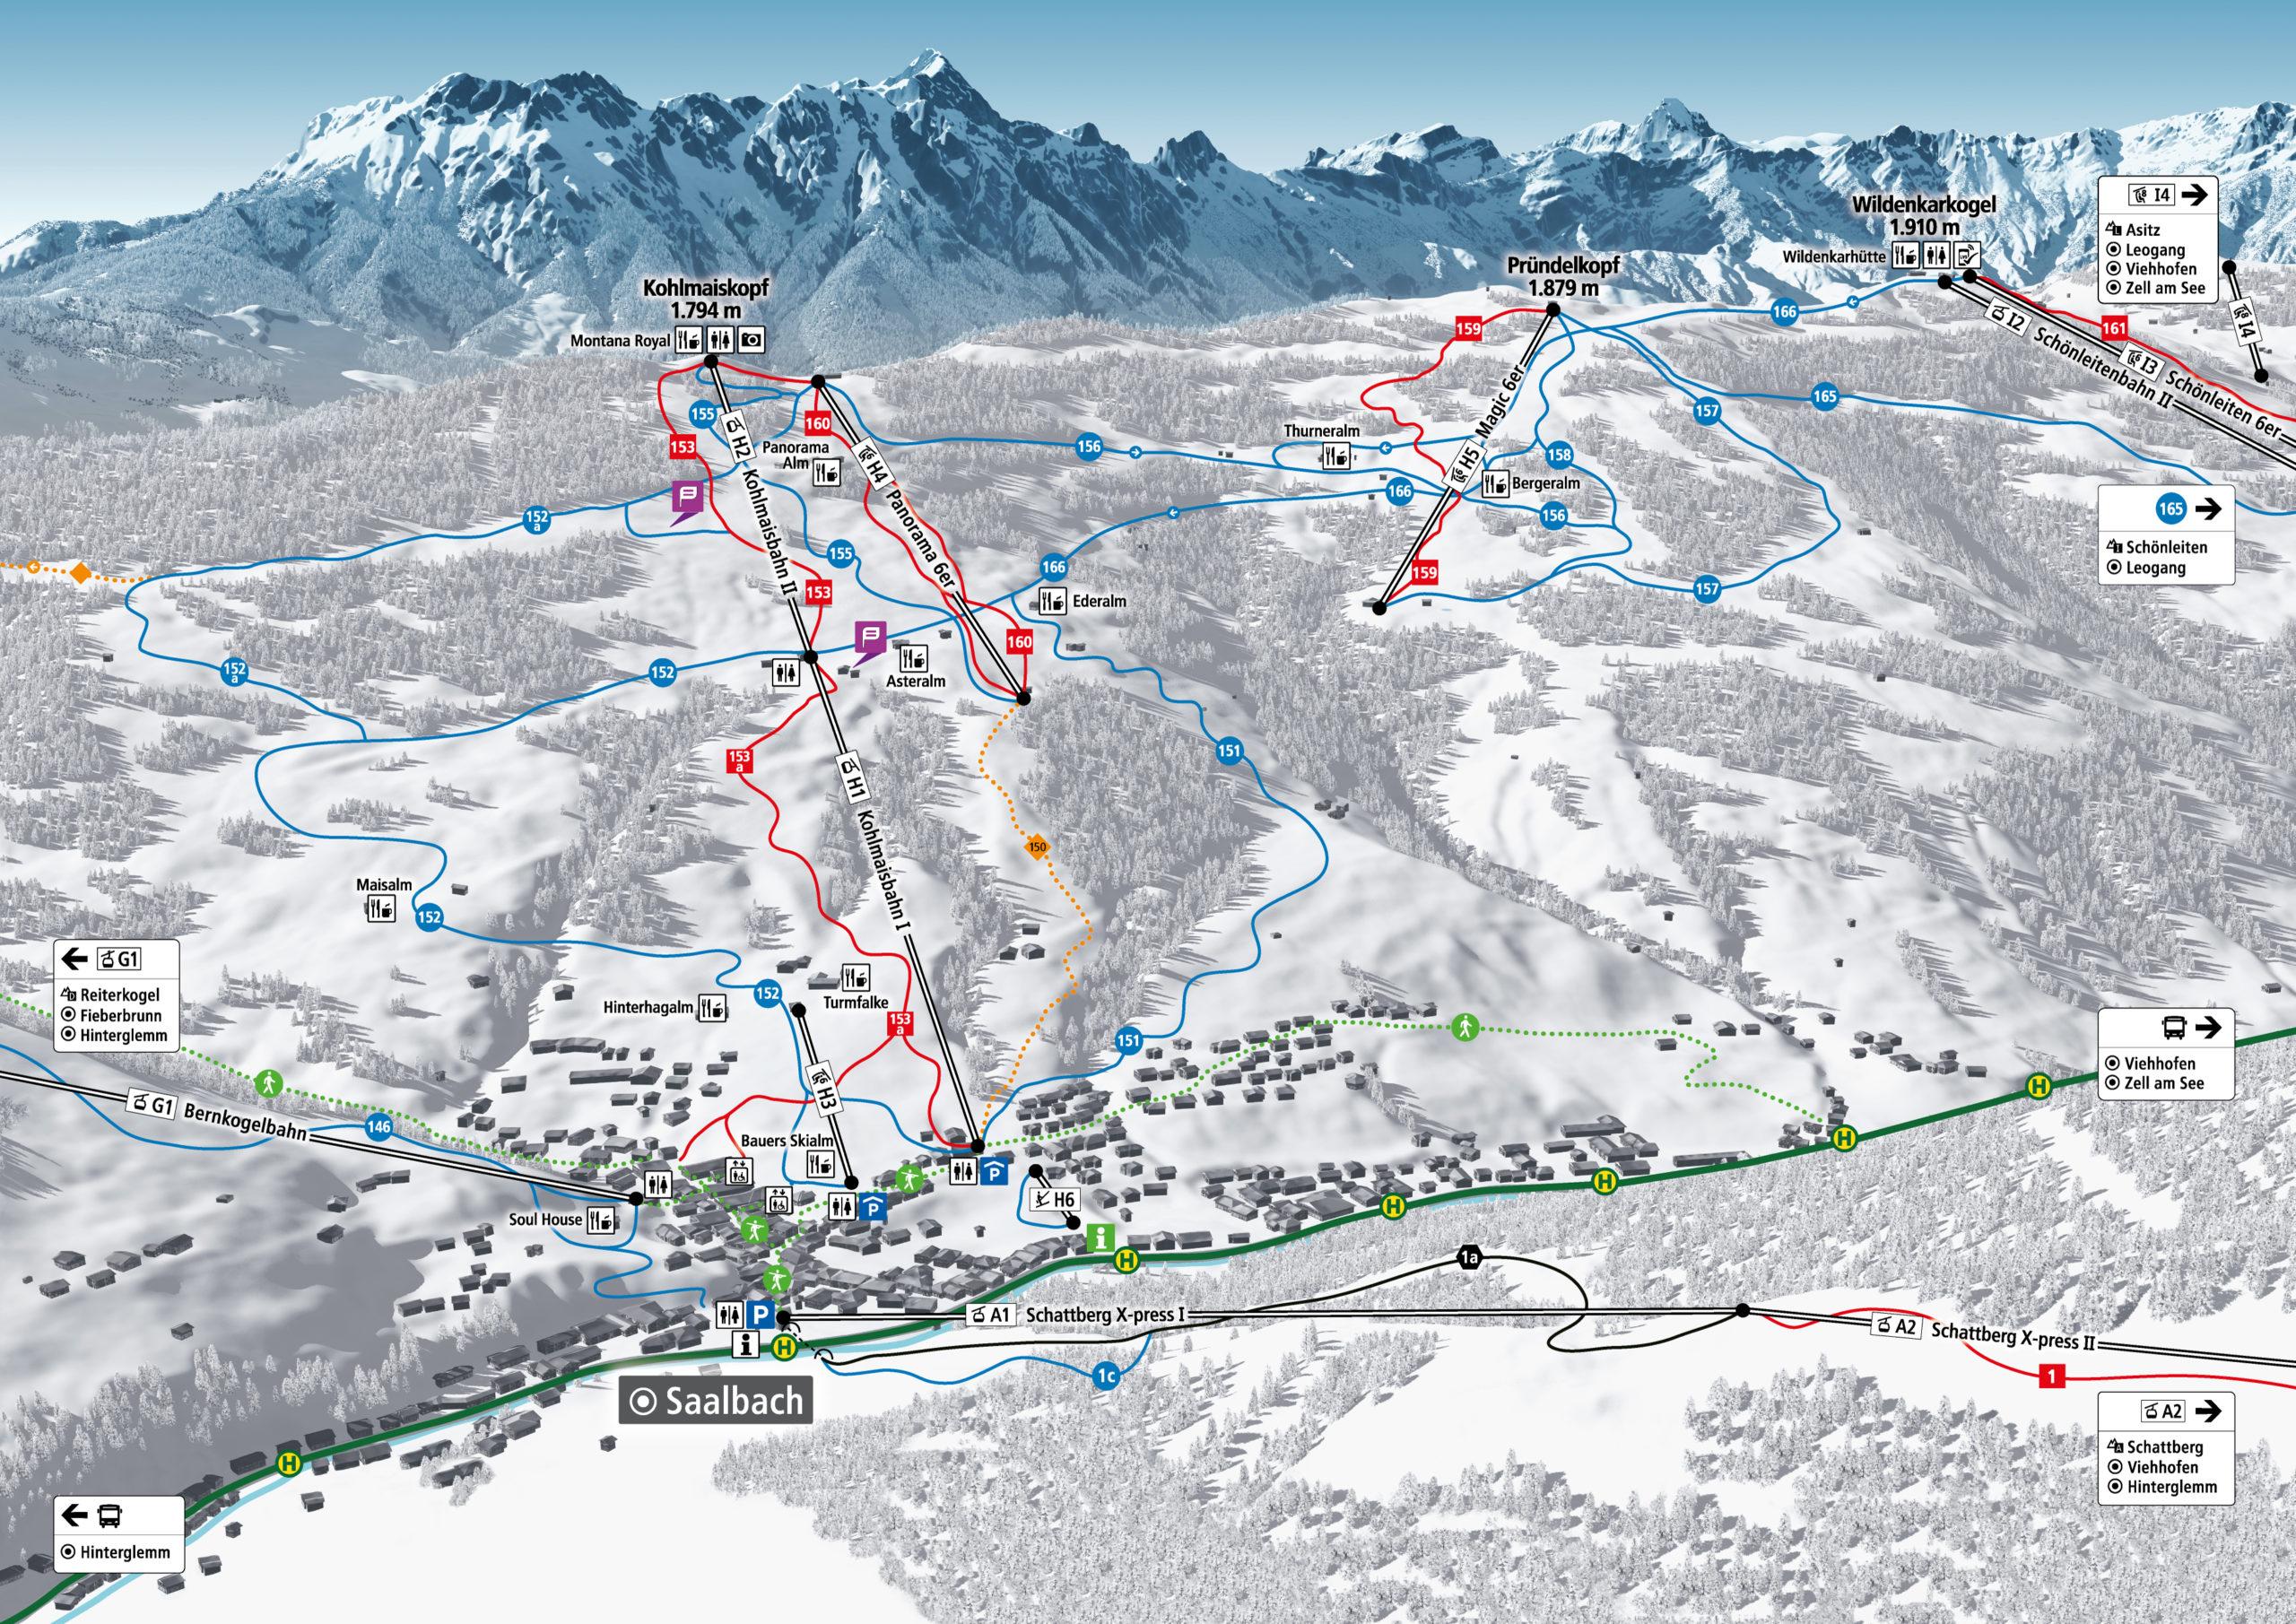 3D Panoramakarte Skicircus Saalbach Hinterglemm Leogang Fieberbrunn Zone H Kohlmais